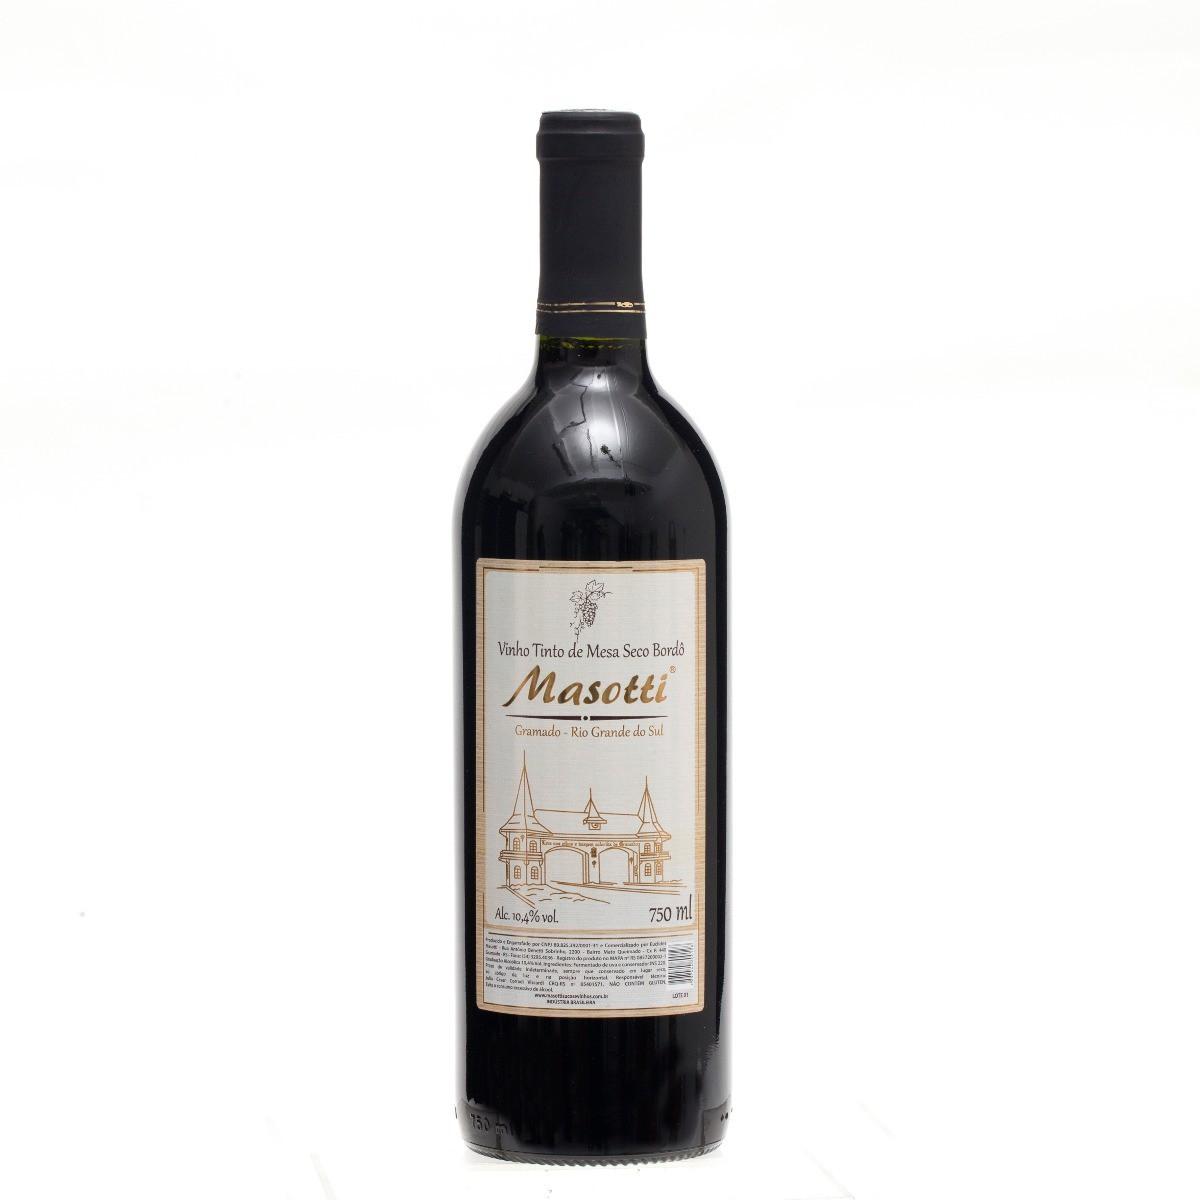 Vinho Tinto de Mesa Seco Bordô - Masotti 750 ML